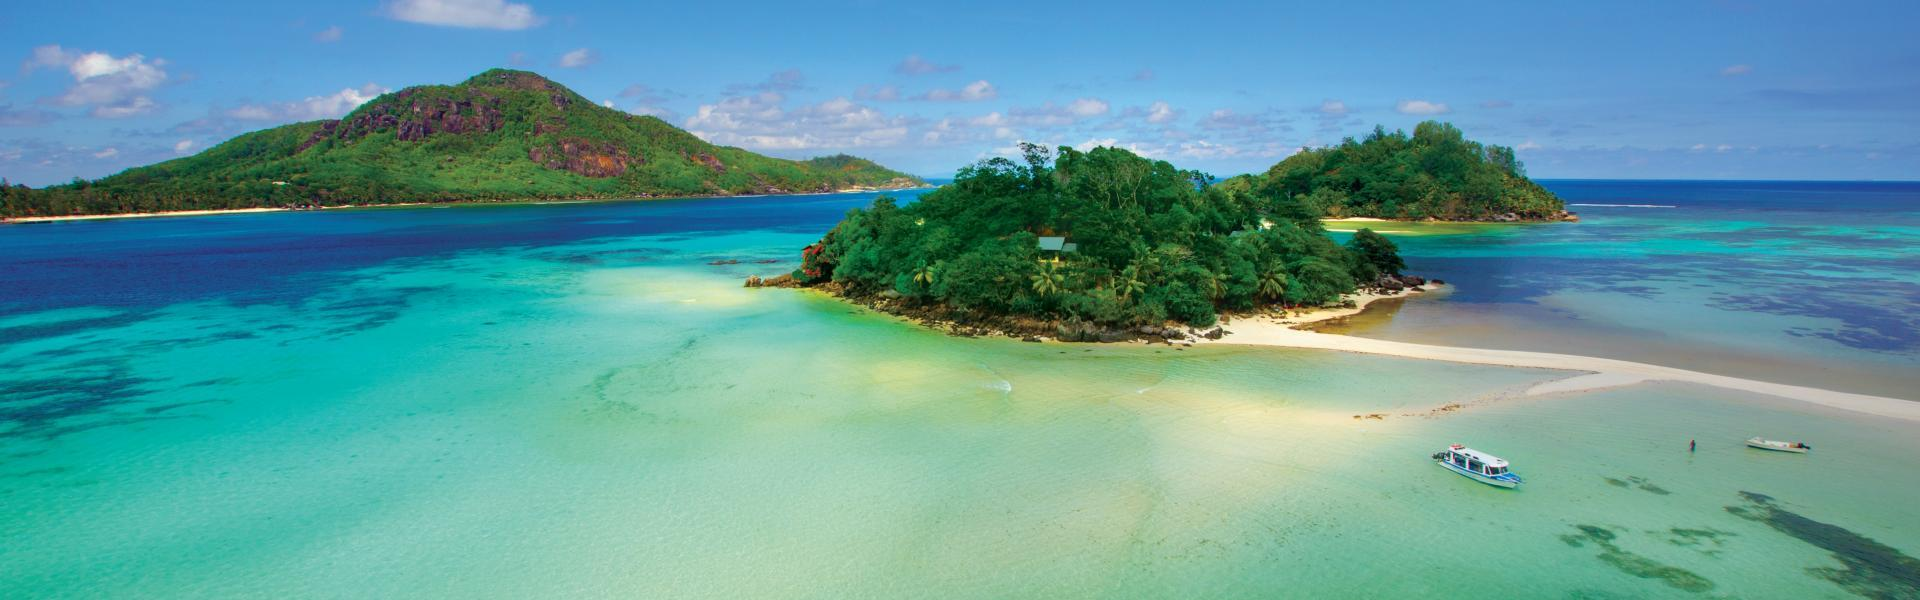 JA Enchanted Island Resort (Seychelle szigeteki utazások)